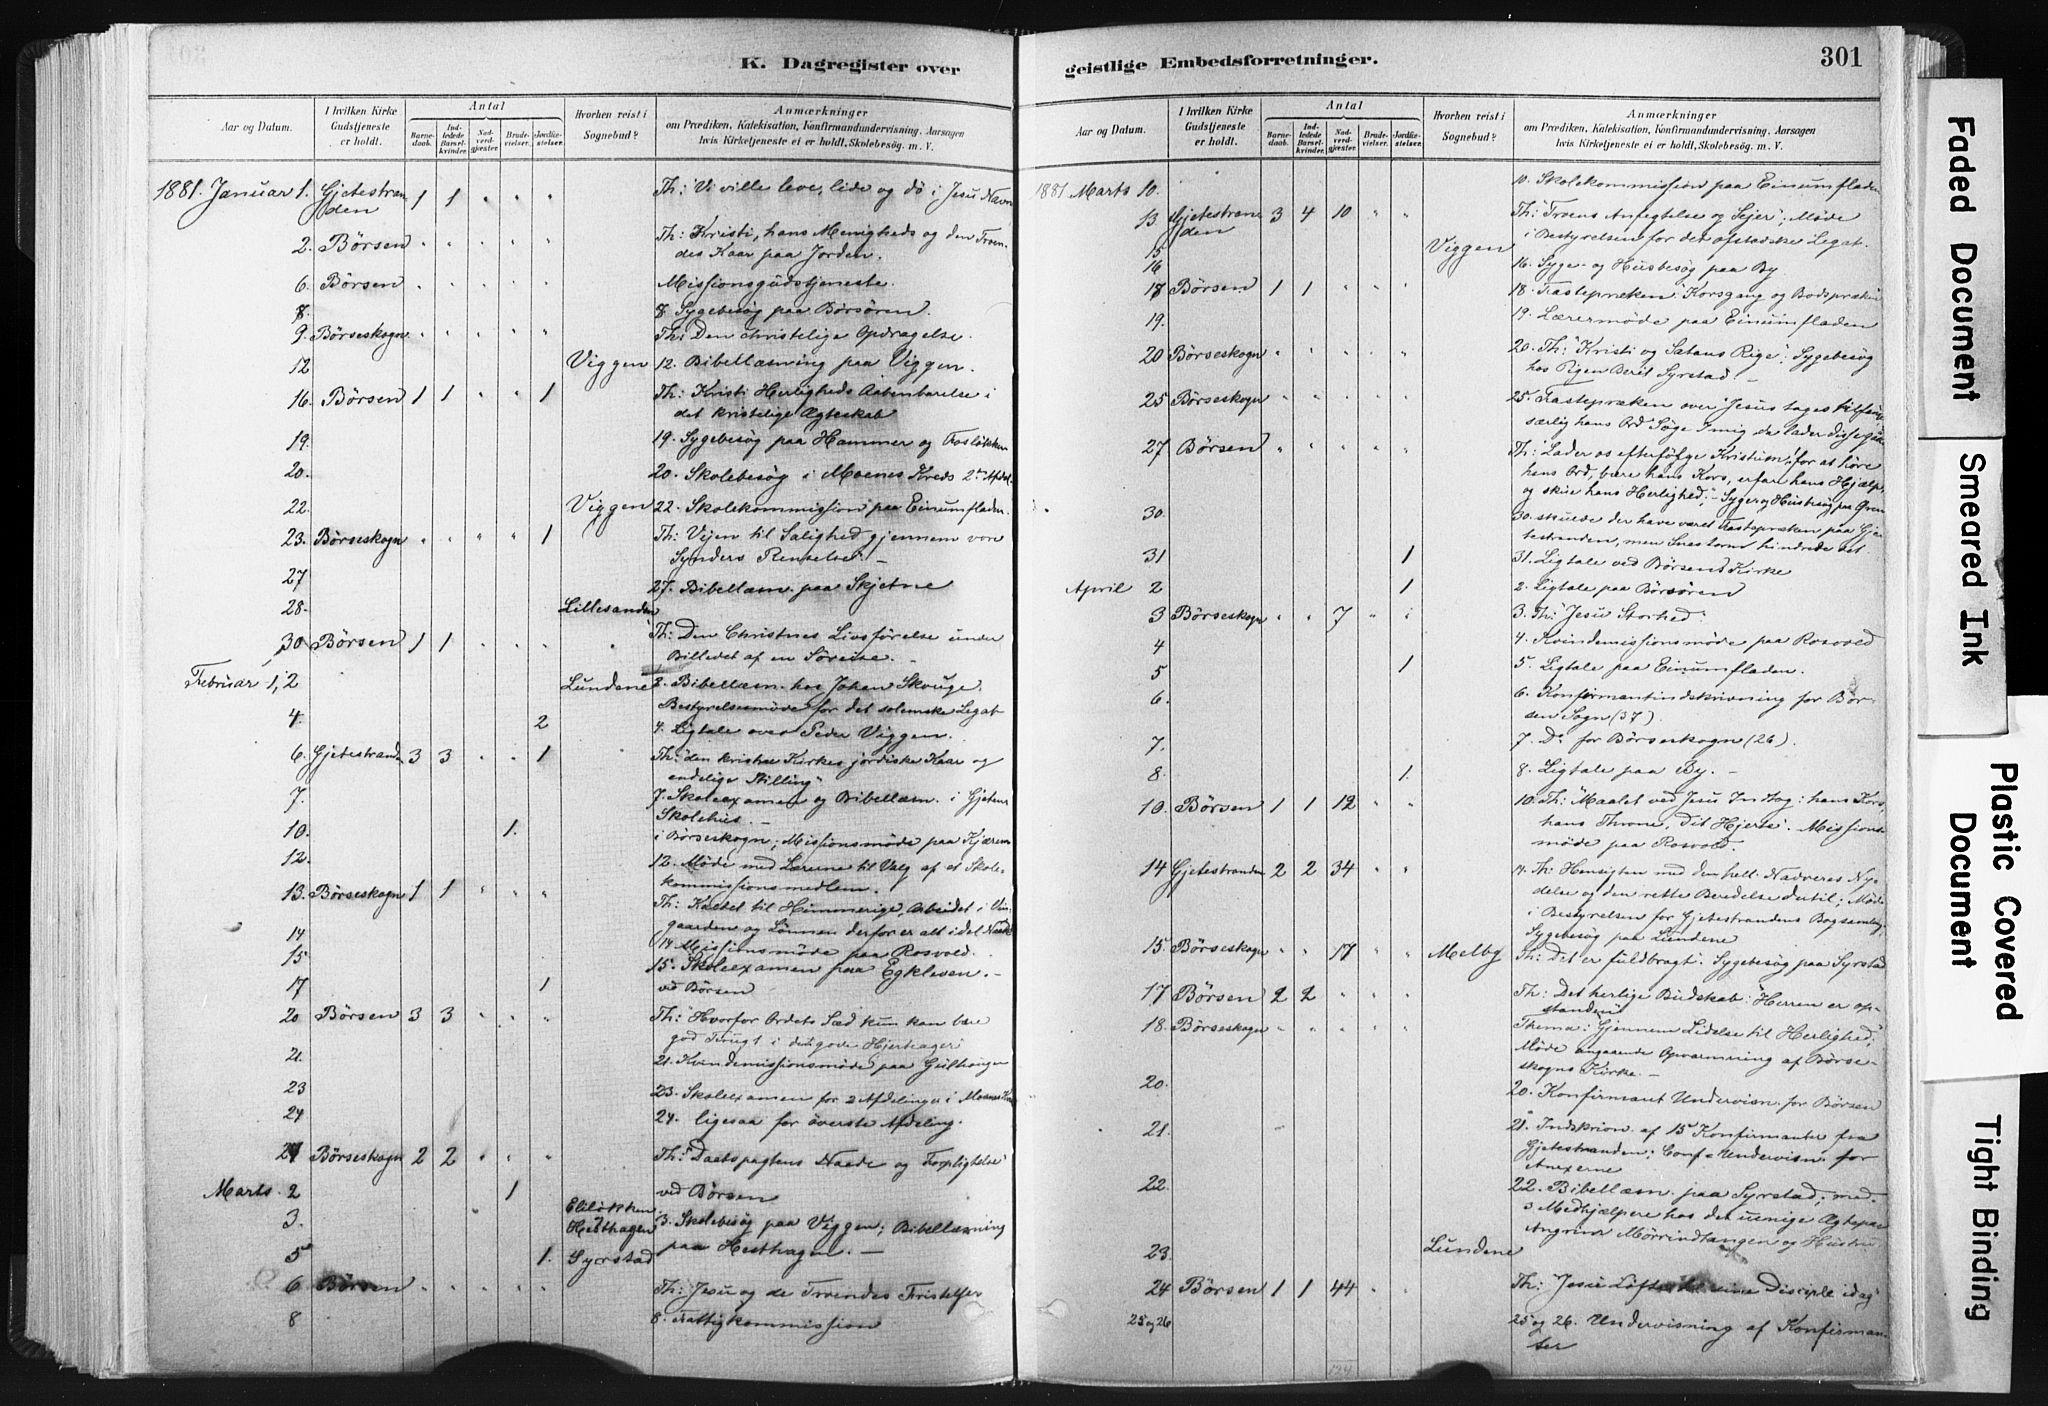 SAT, Ministerialprotokoller, klokkerbøker og fødselsregistre - Sør-Trøndelag, 665/L0773: Ministerialbok nr. 665A08, 1879-1905, s. 301